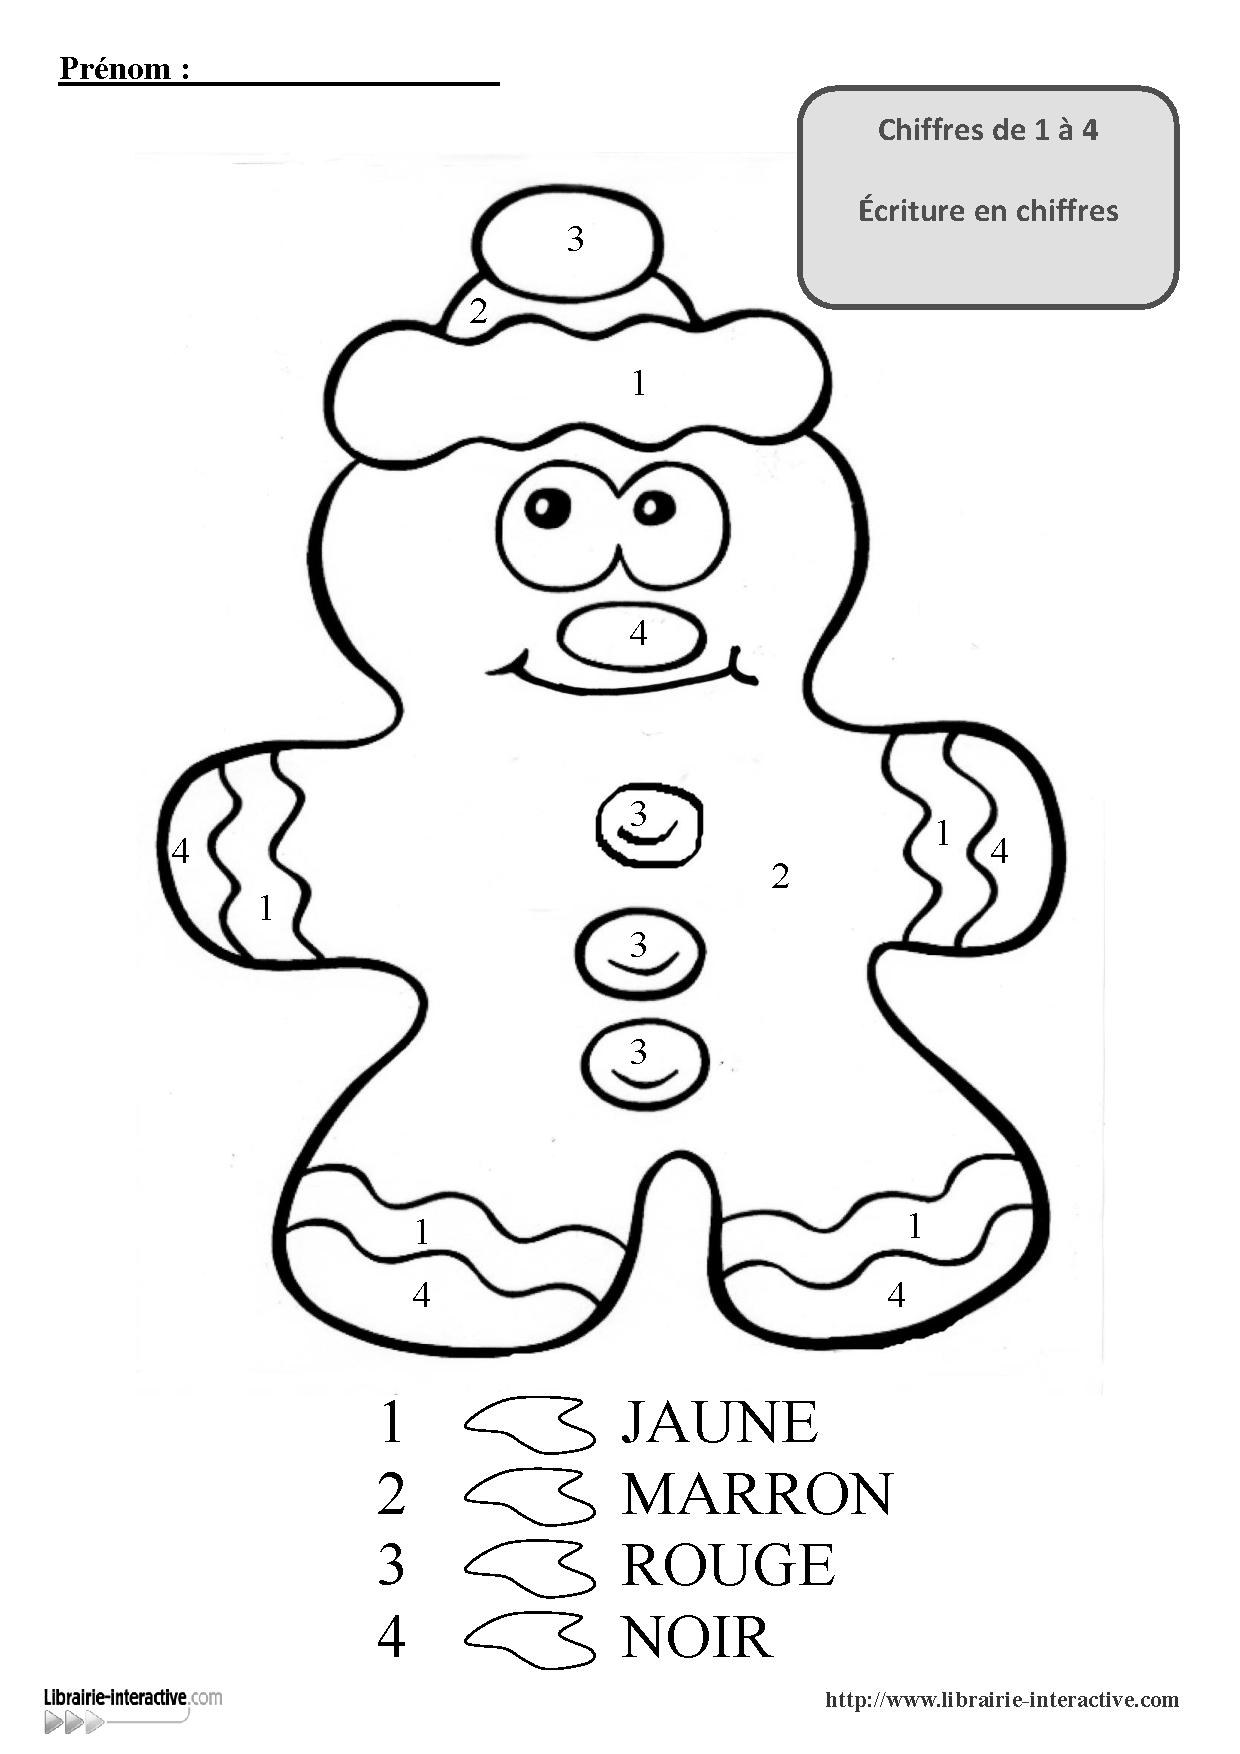 3 Coloriages Magiques Pour Les Maternelles, Pour La Venue De intérieur Coloriage Magique Maternelle Moyenne Section